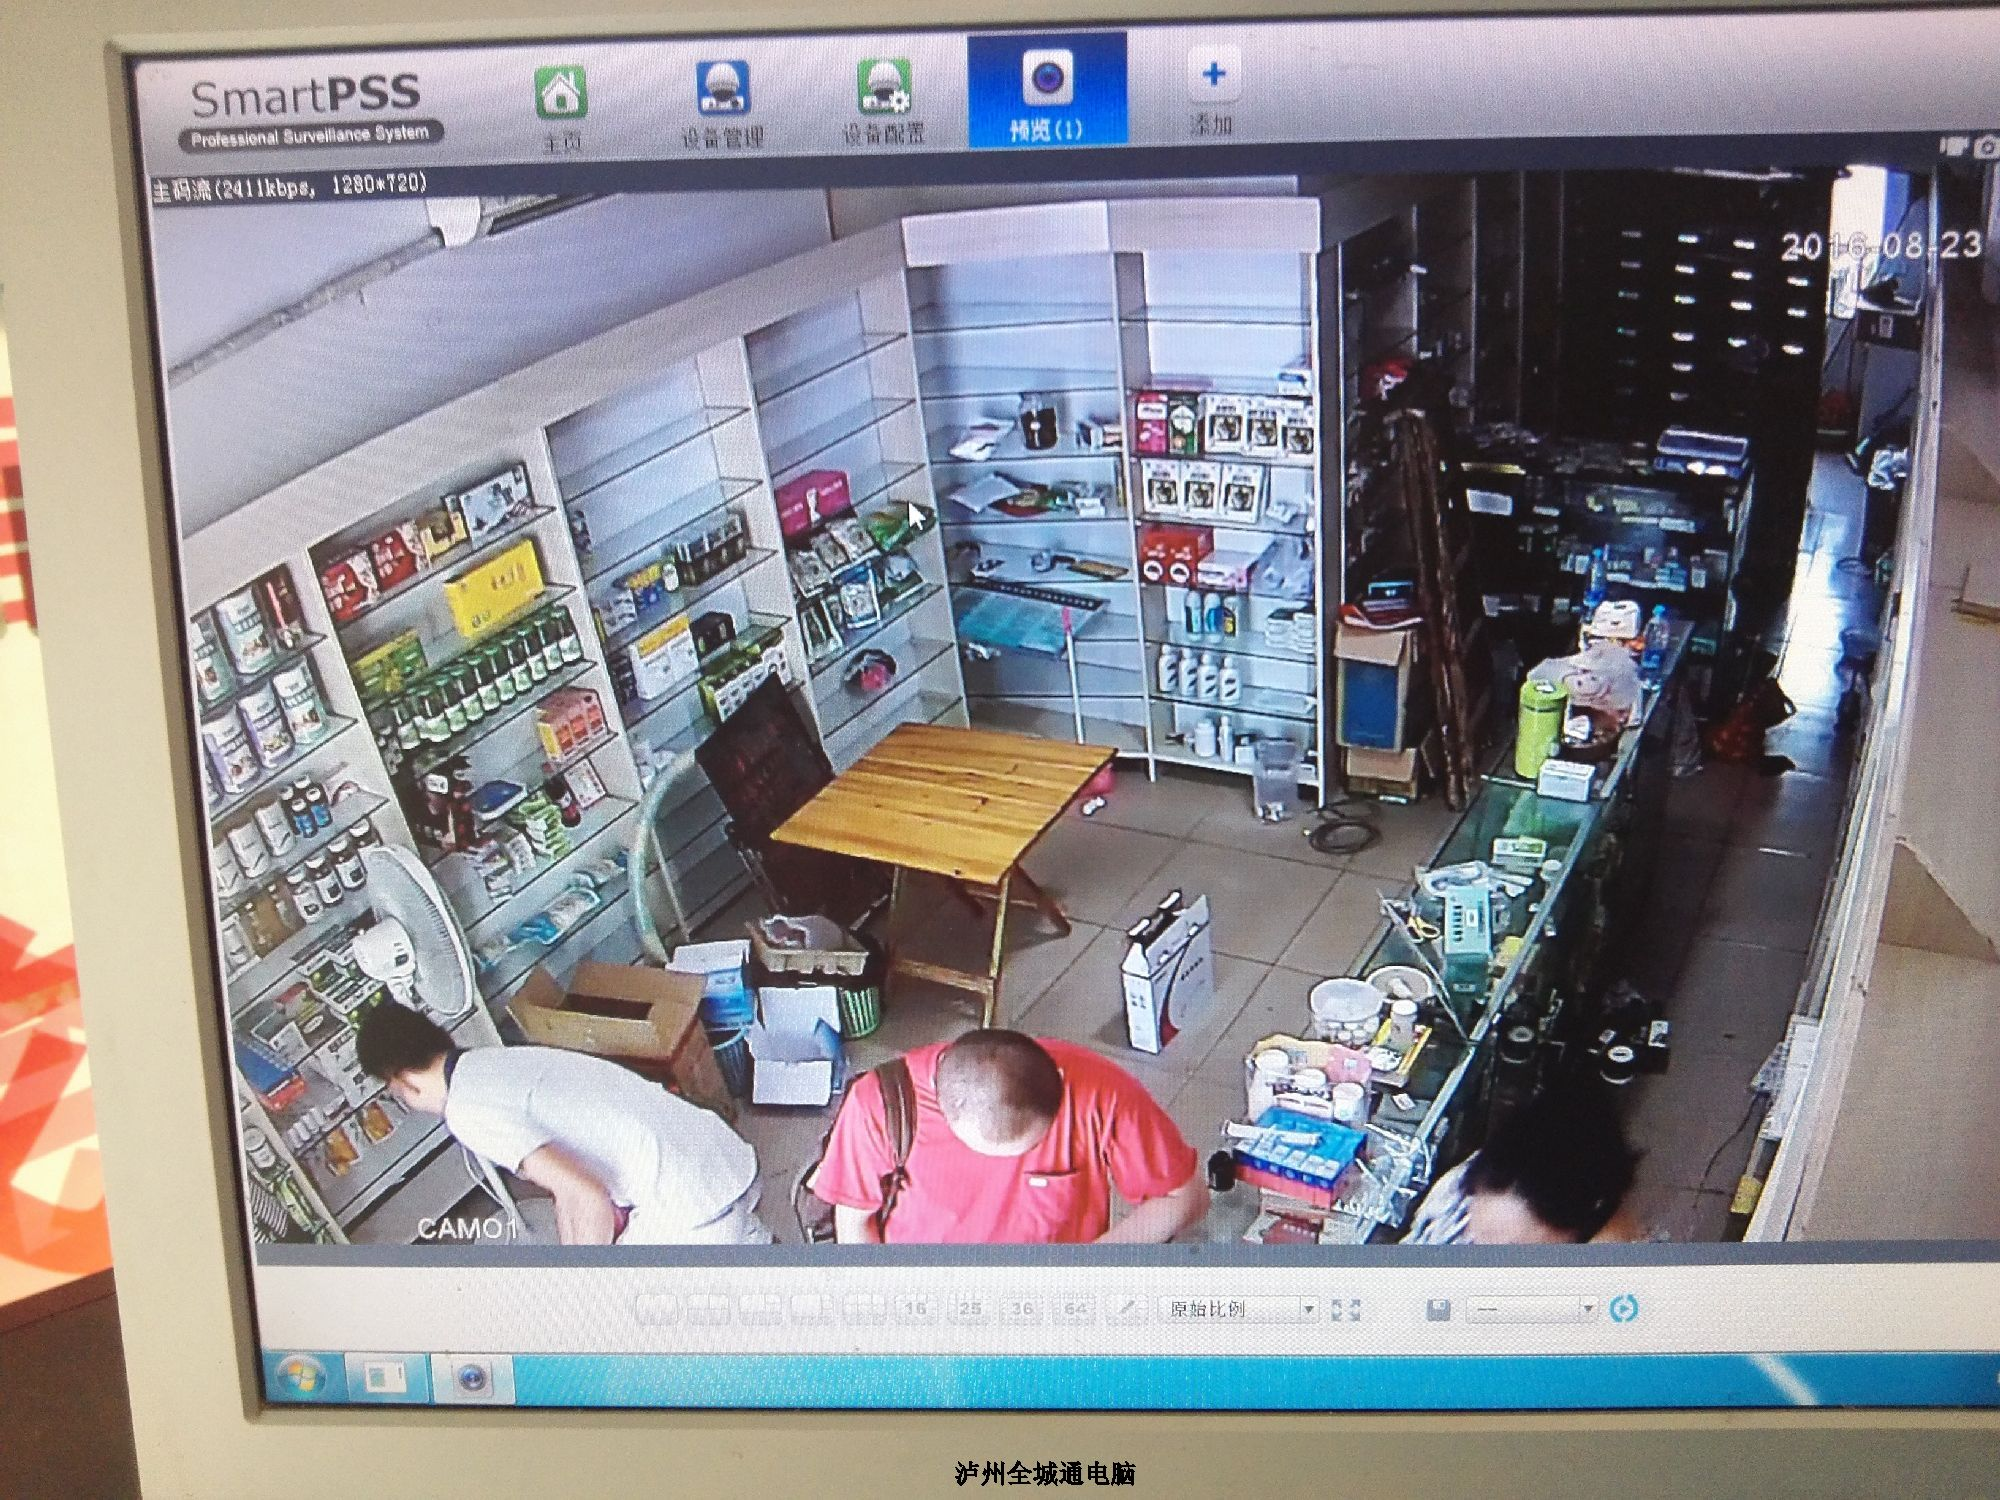 大华4路数字网络高清监控录像机 DH-NVR1104HS